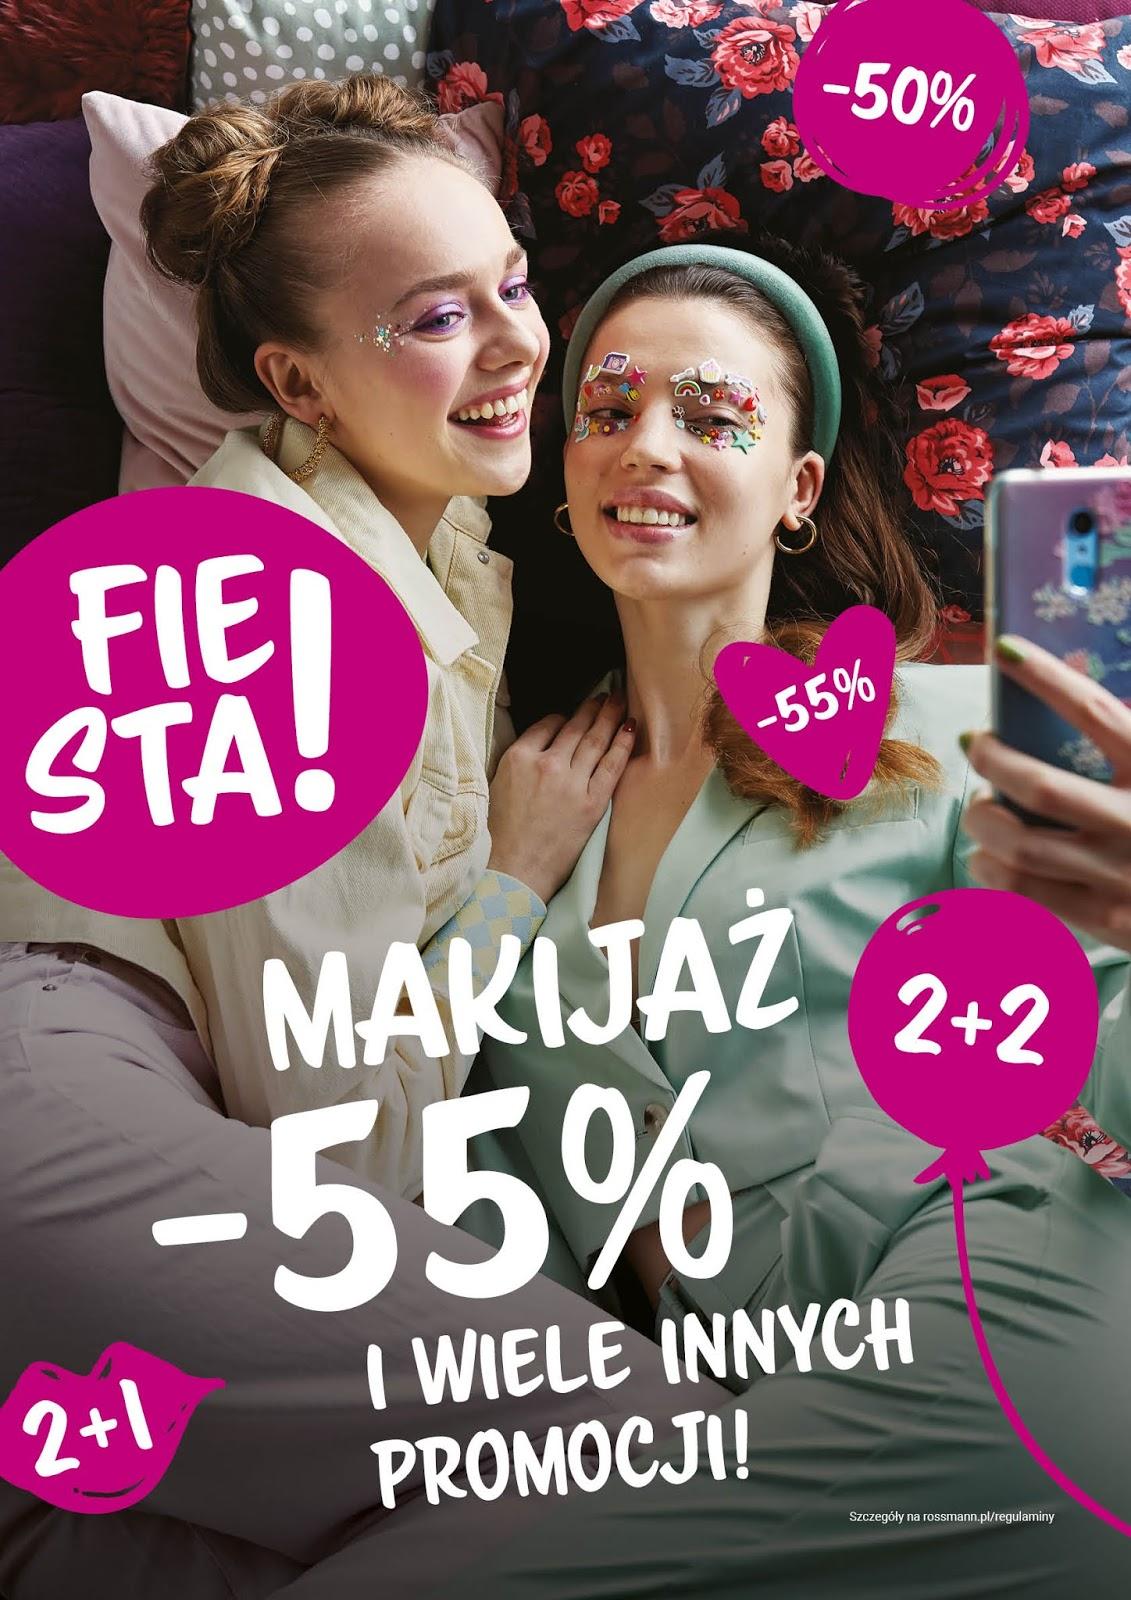 """URODZINOWA """"FIESTA"""" W ROSSMANNIE! PROMOCJA -55% NA MAKIJAŻ!"""